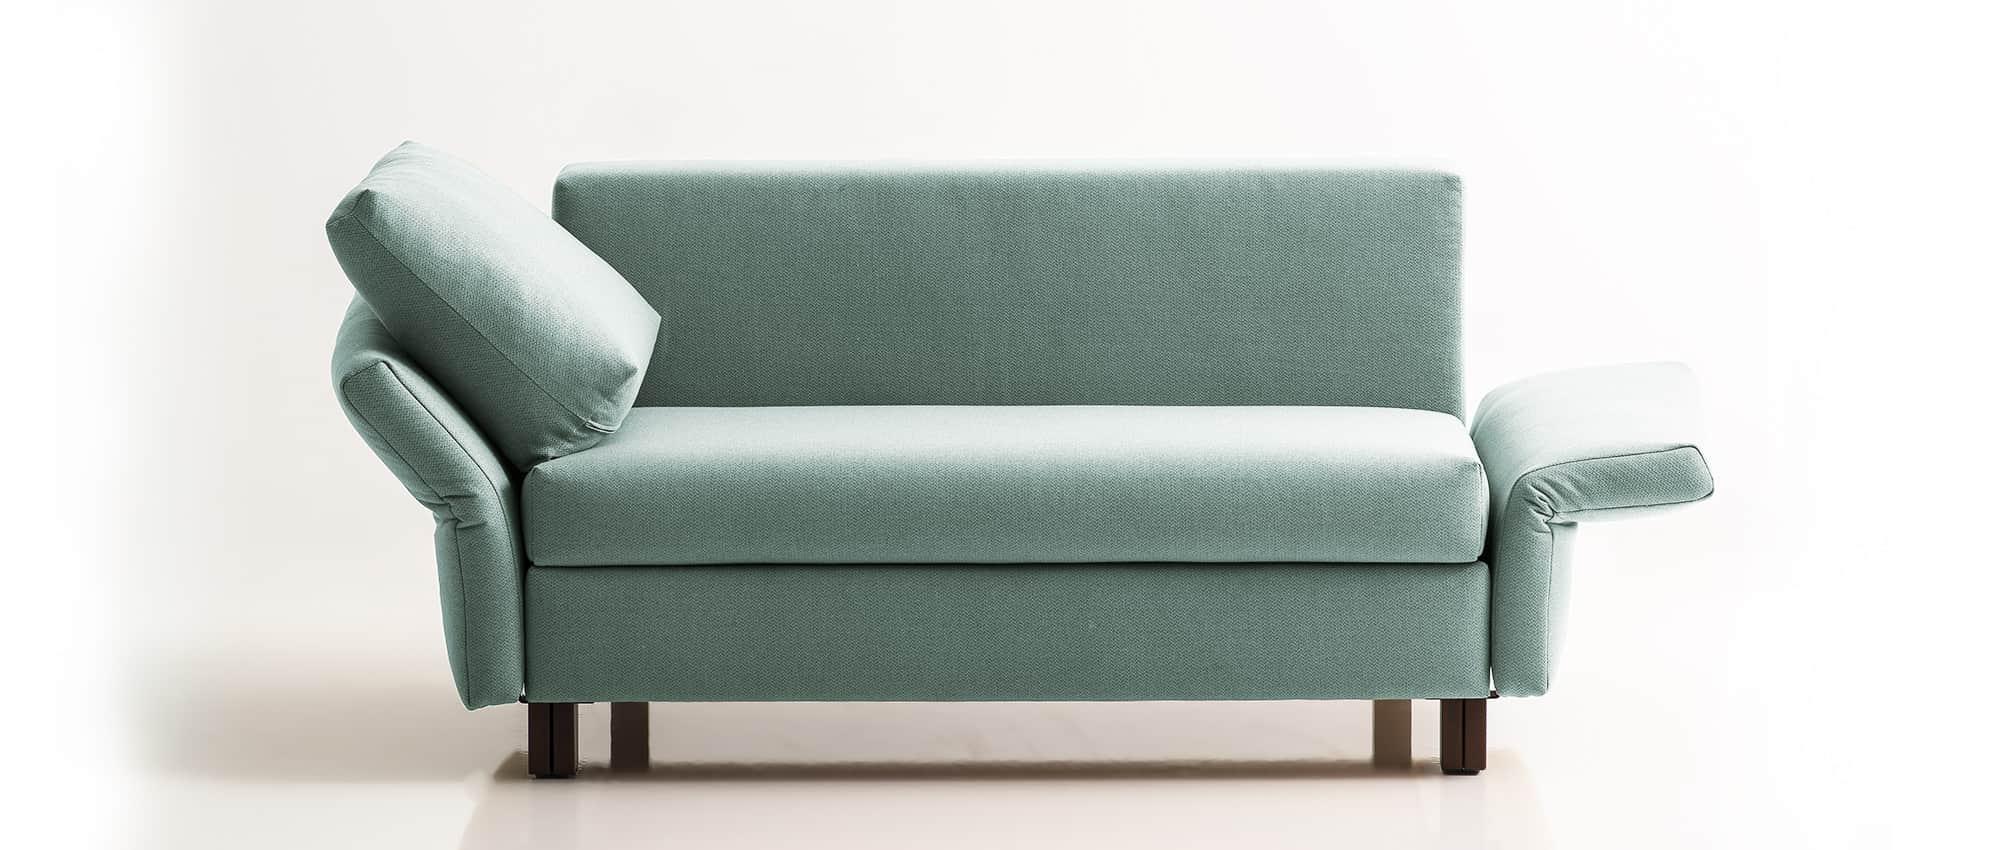 Schlafsofa VELA von Franz Fertig in blau. Klappbare Armlehnen. Franz Fertig bietet Stoffe in braun, weiß, schwarz, grün, grau und weitere Farben an. Handgefertigt in Deutschland.